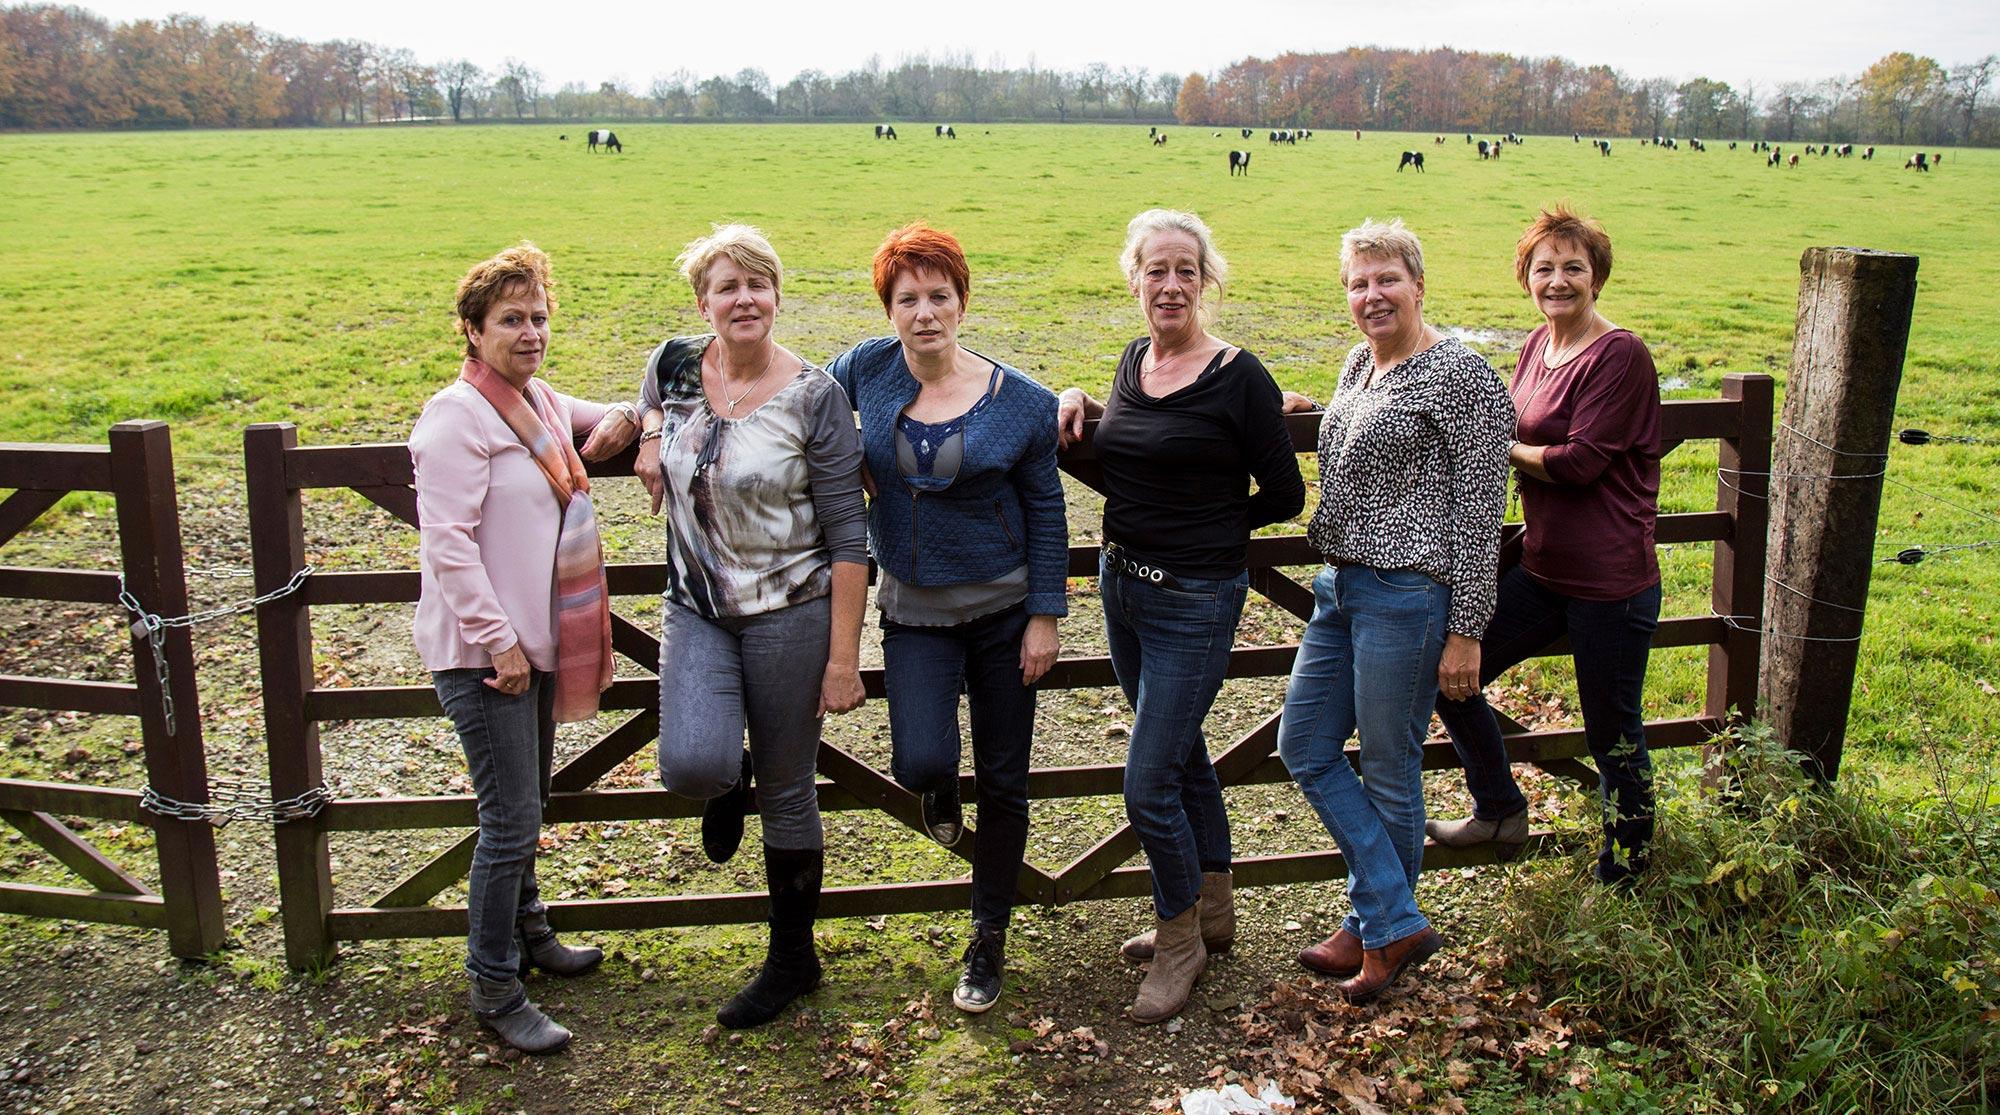 vriendinnen fotoshoot denbosch